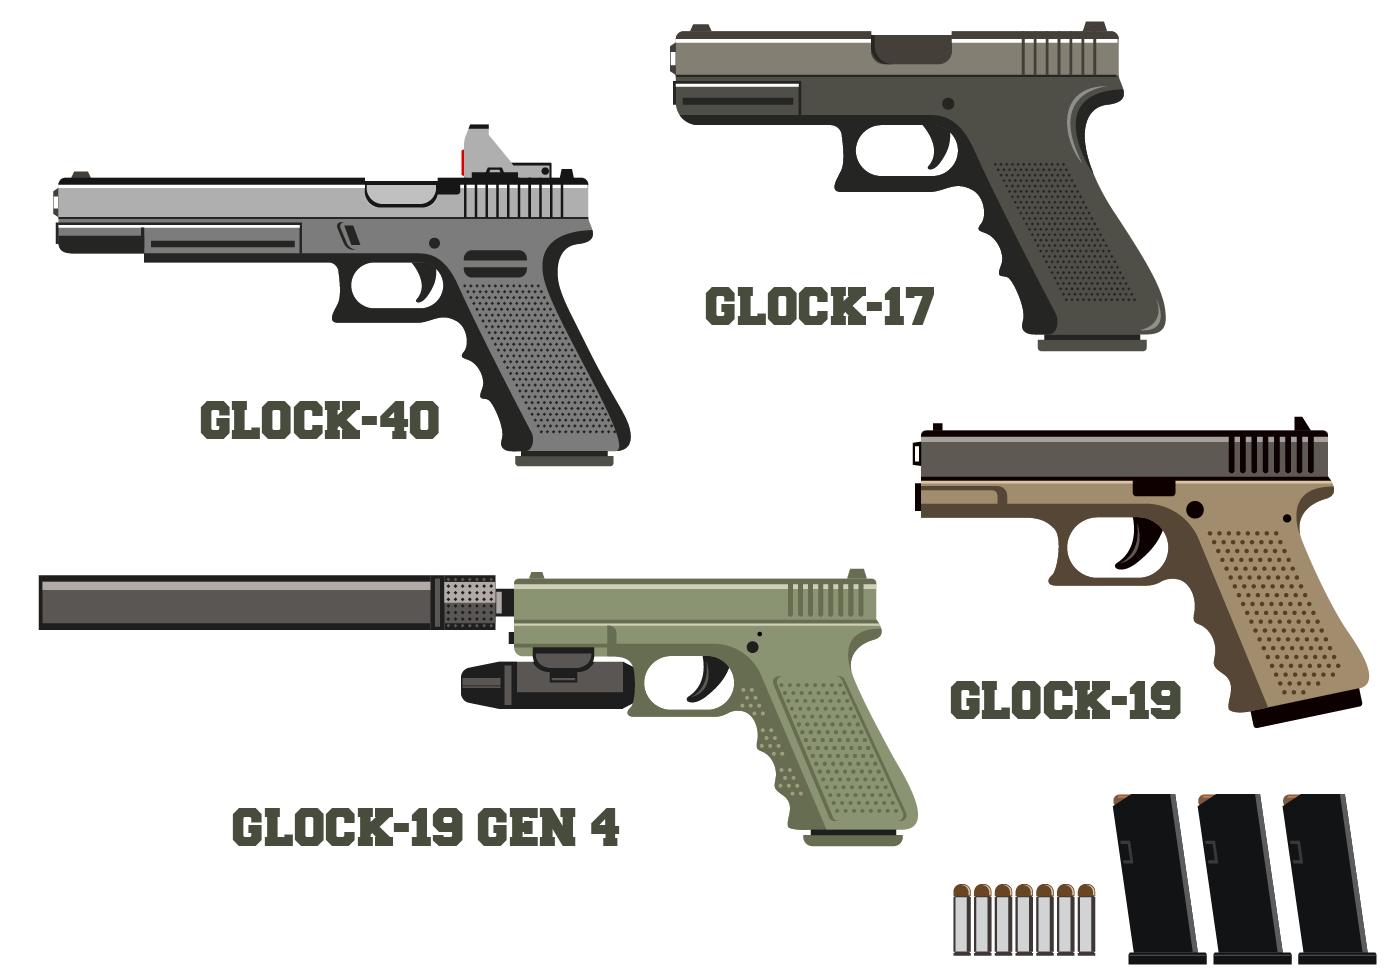 Free Glock Vector - Download Free Vector Art, Stock ...